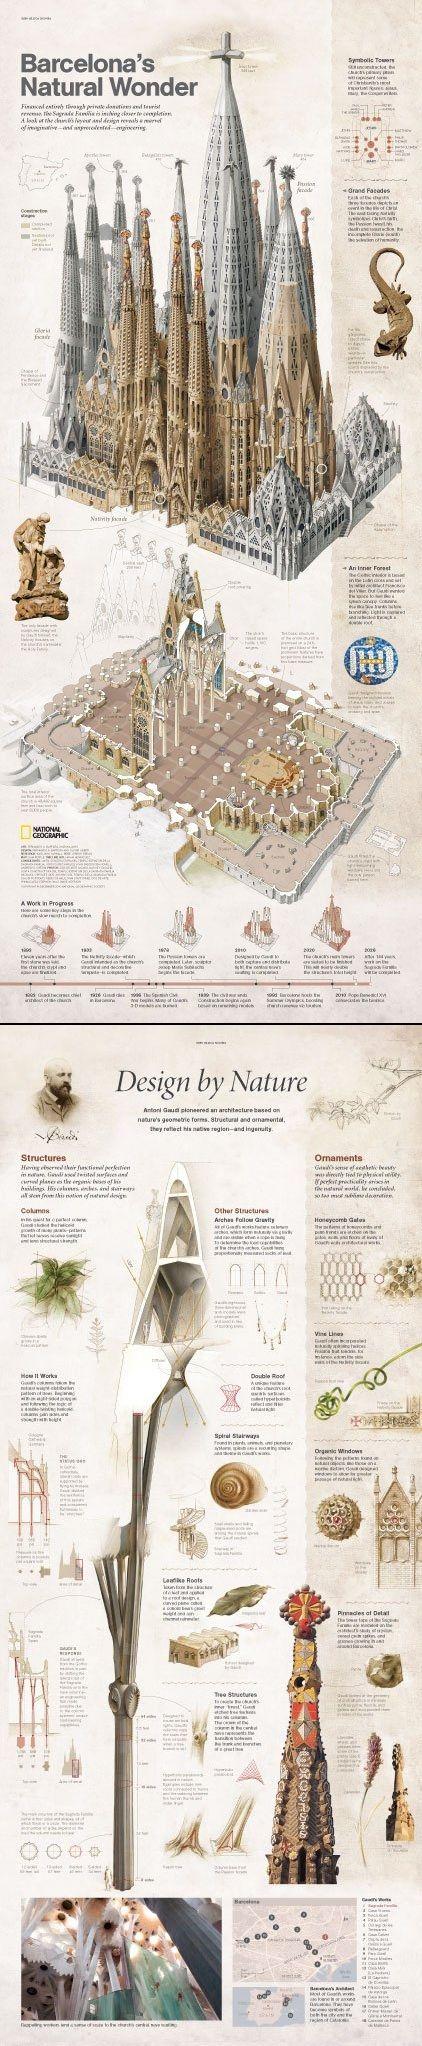 La Sagrada Familia. Puedes ampliar la información de templos en nuestro artículo del blog de www.solerplanet.com